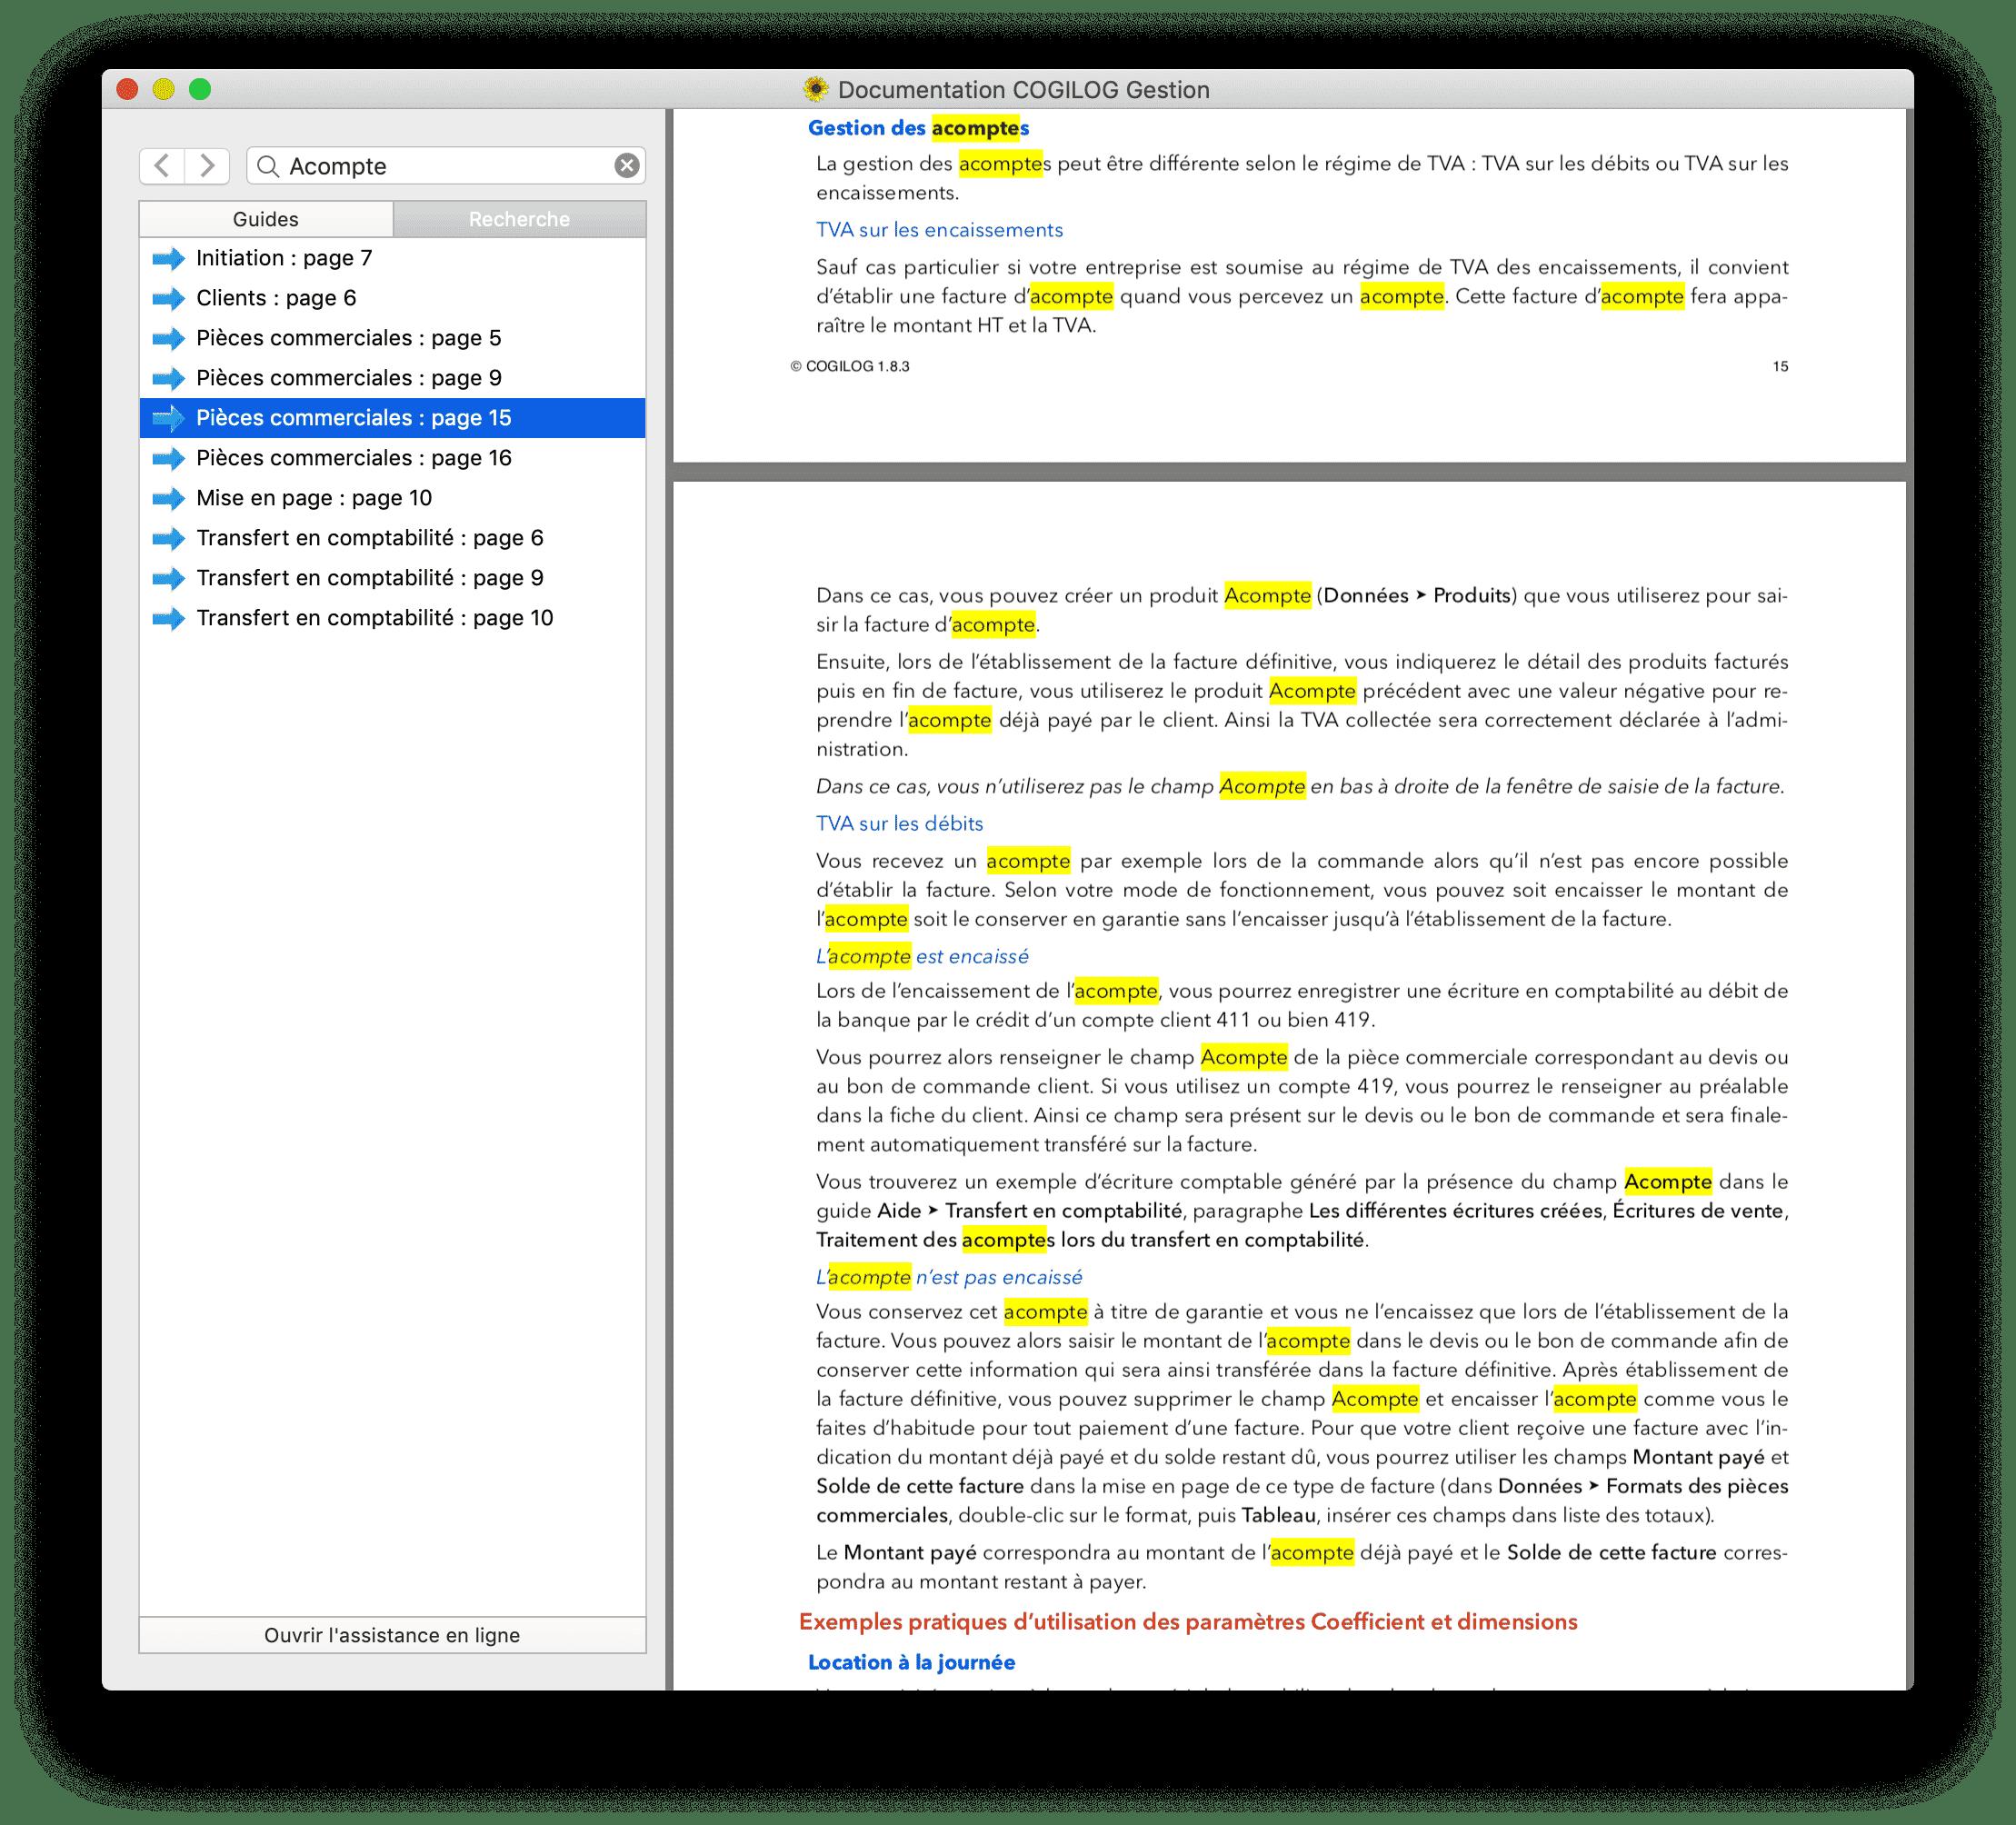 Documentation Cogilog fonction recherche